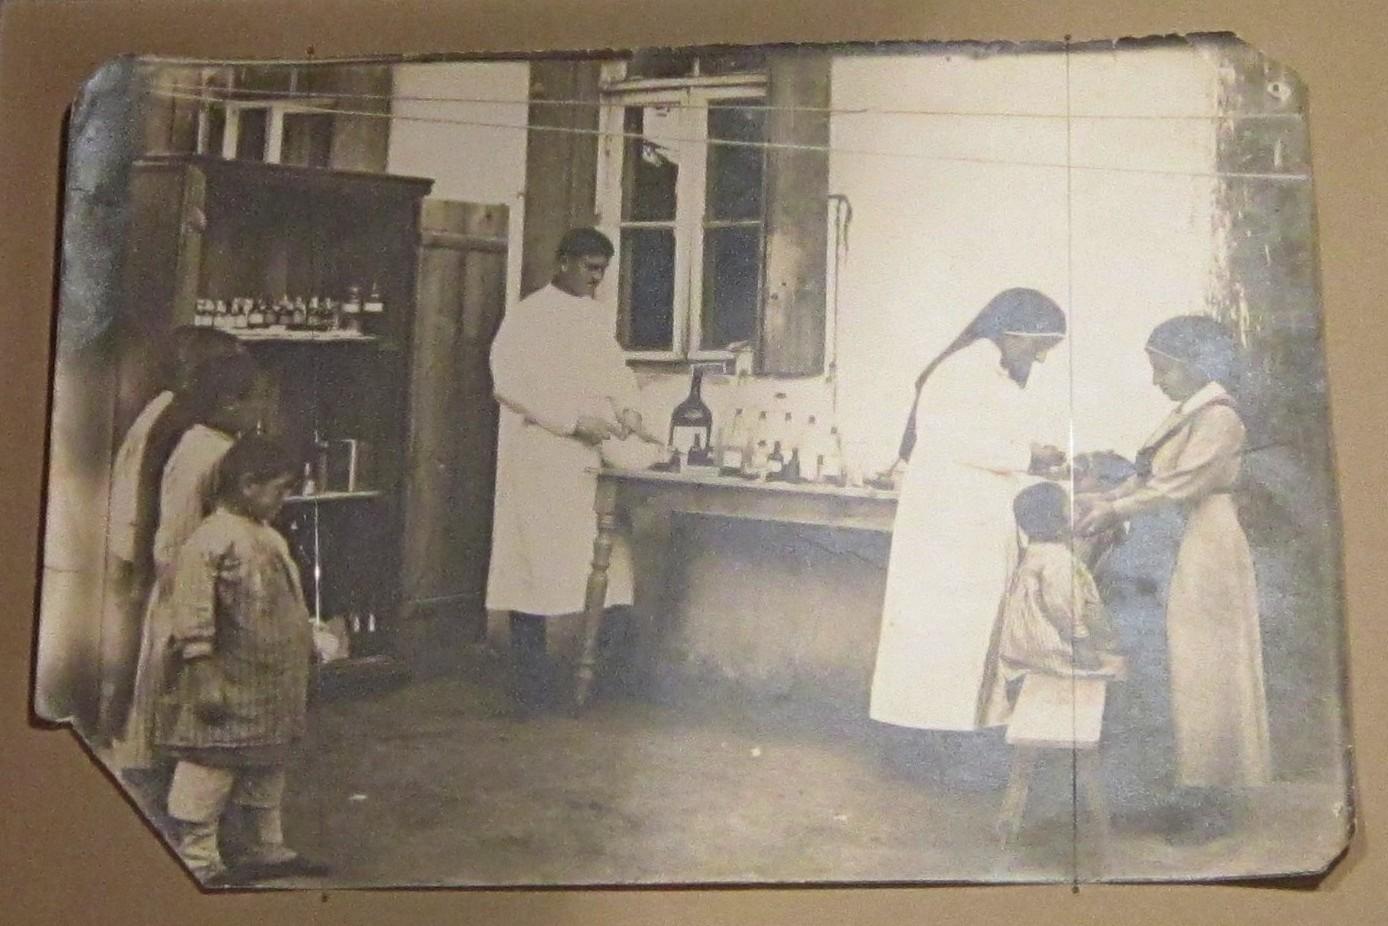 Оказание медицинской помощи сиротам - жертвам геноцида армянского народа.